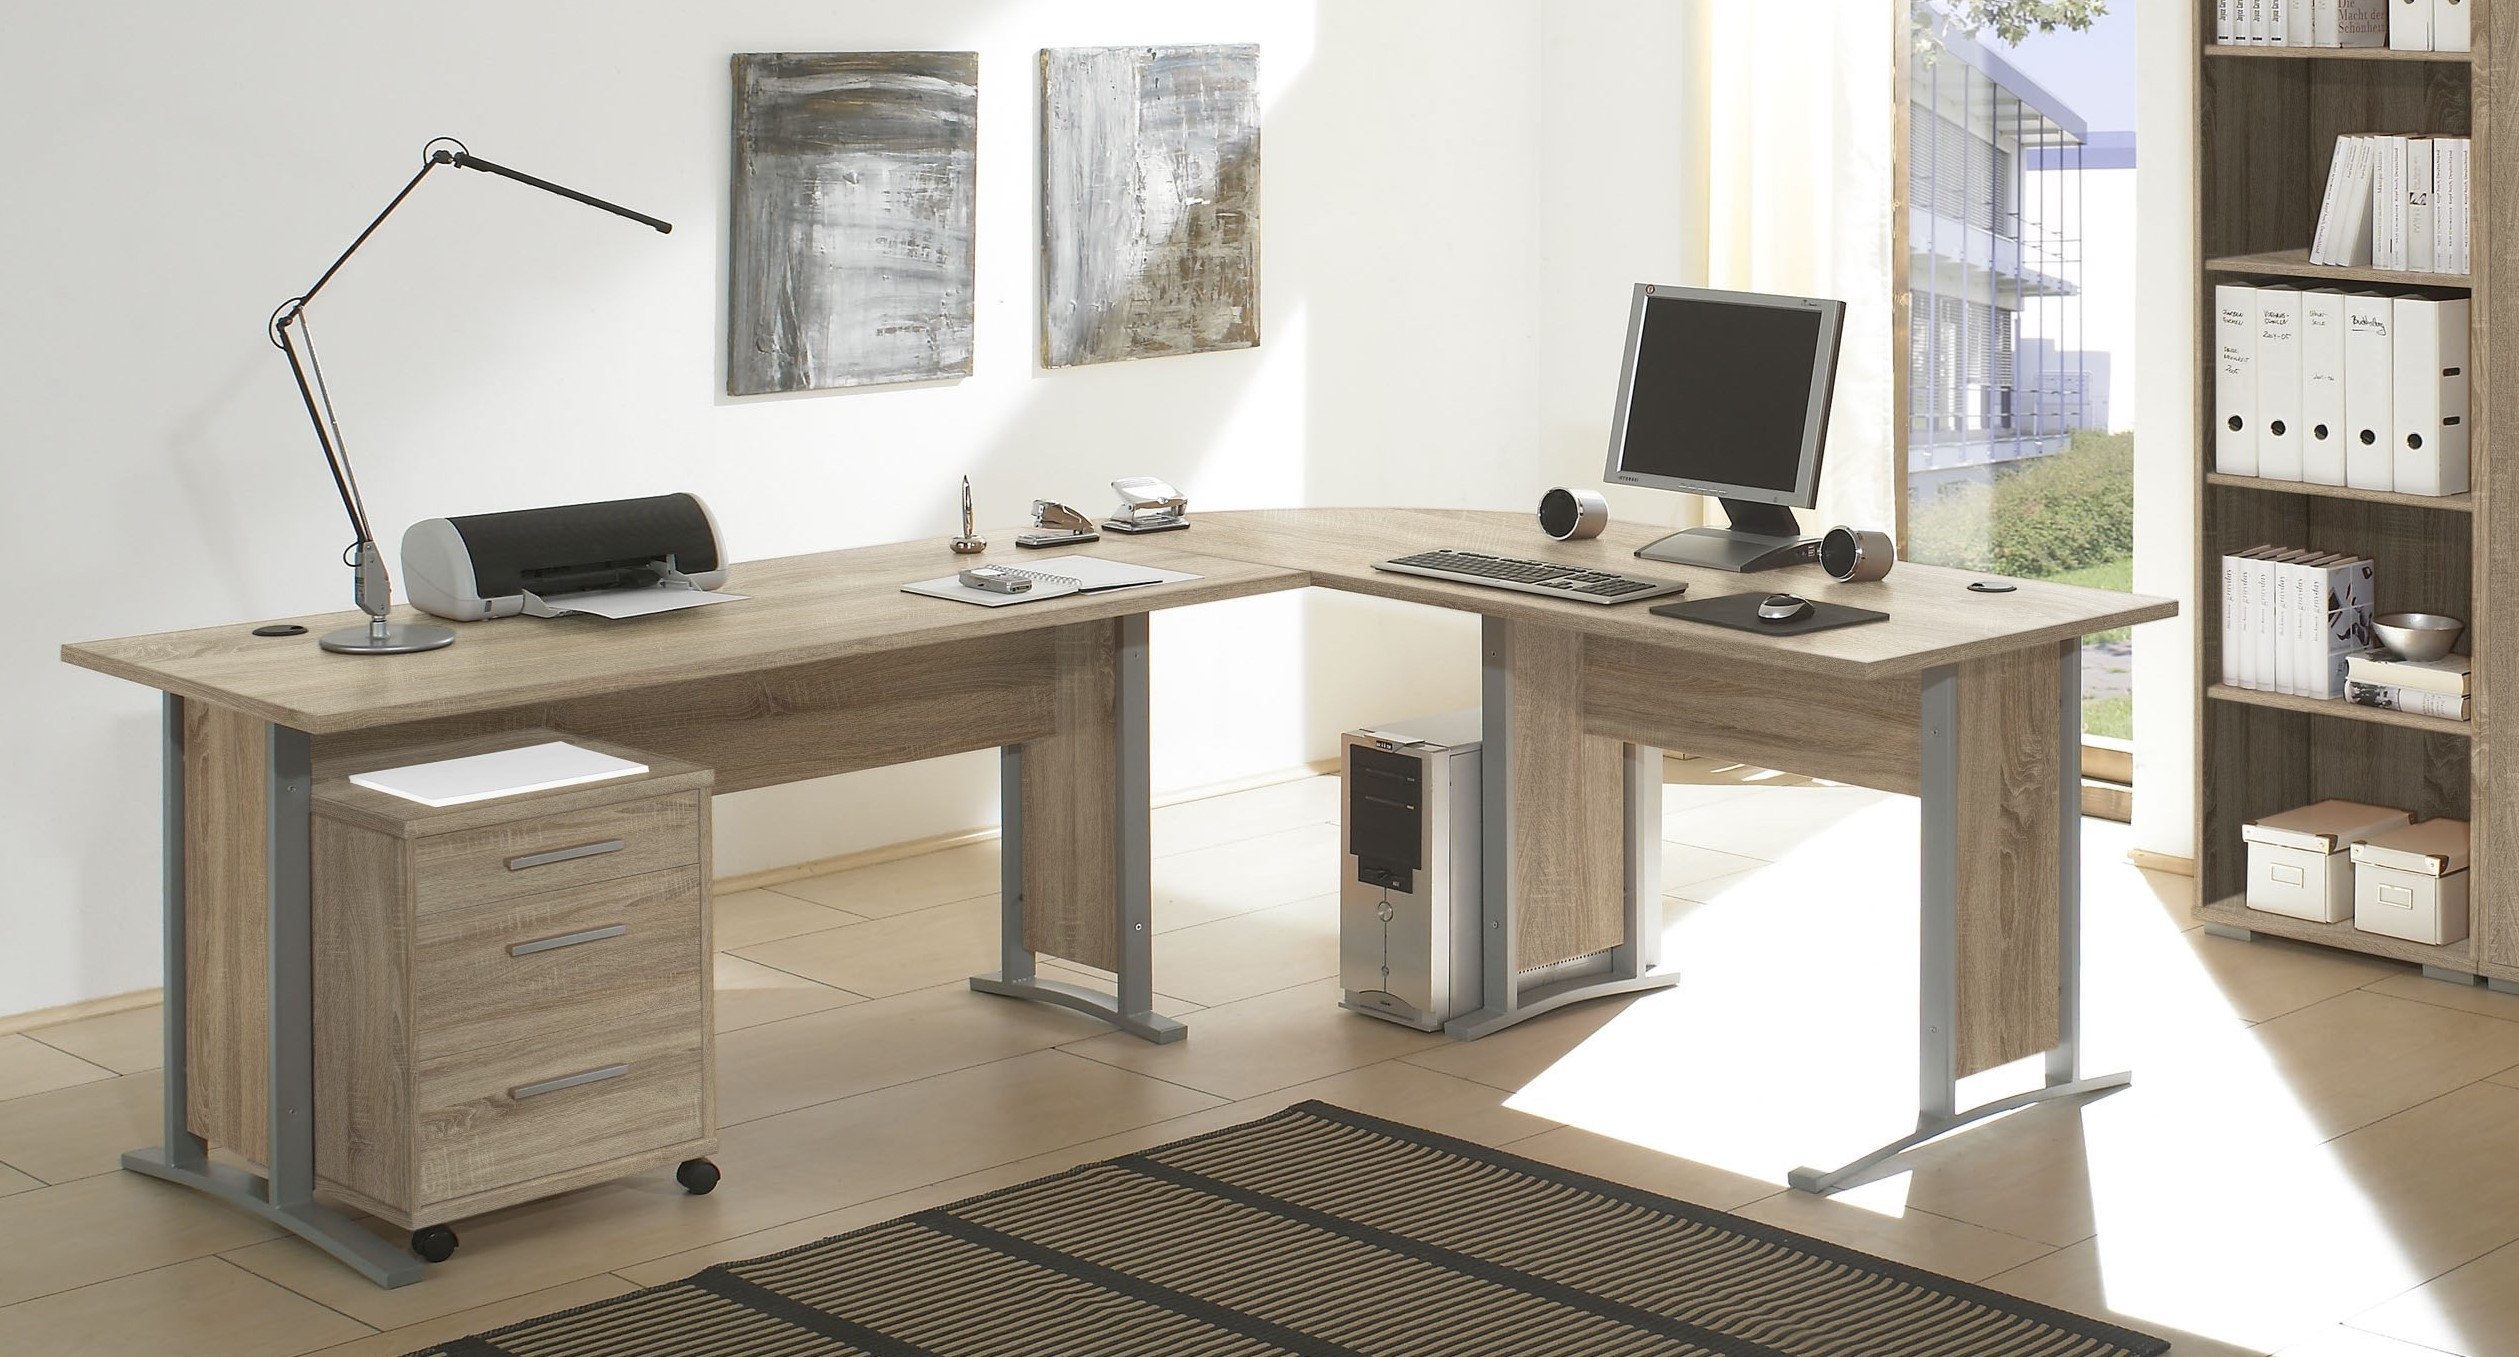 Wunderbar Schreibtisch Mit Rollcontainer Galerie Von